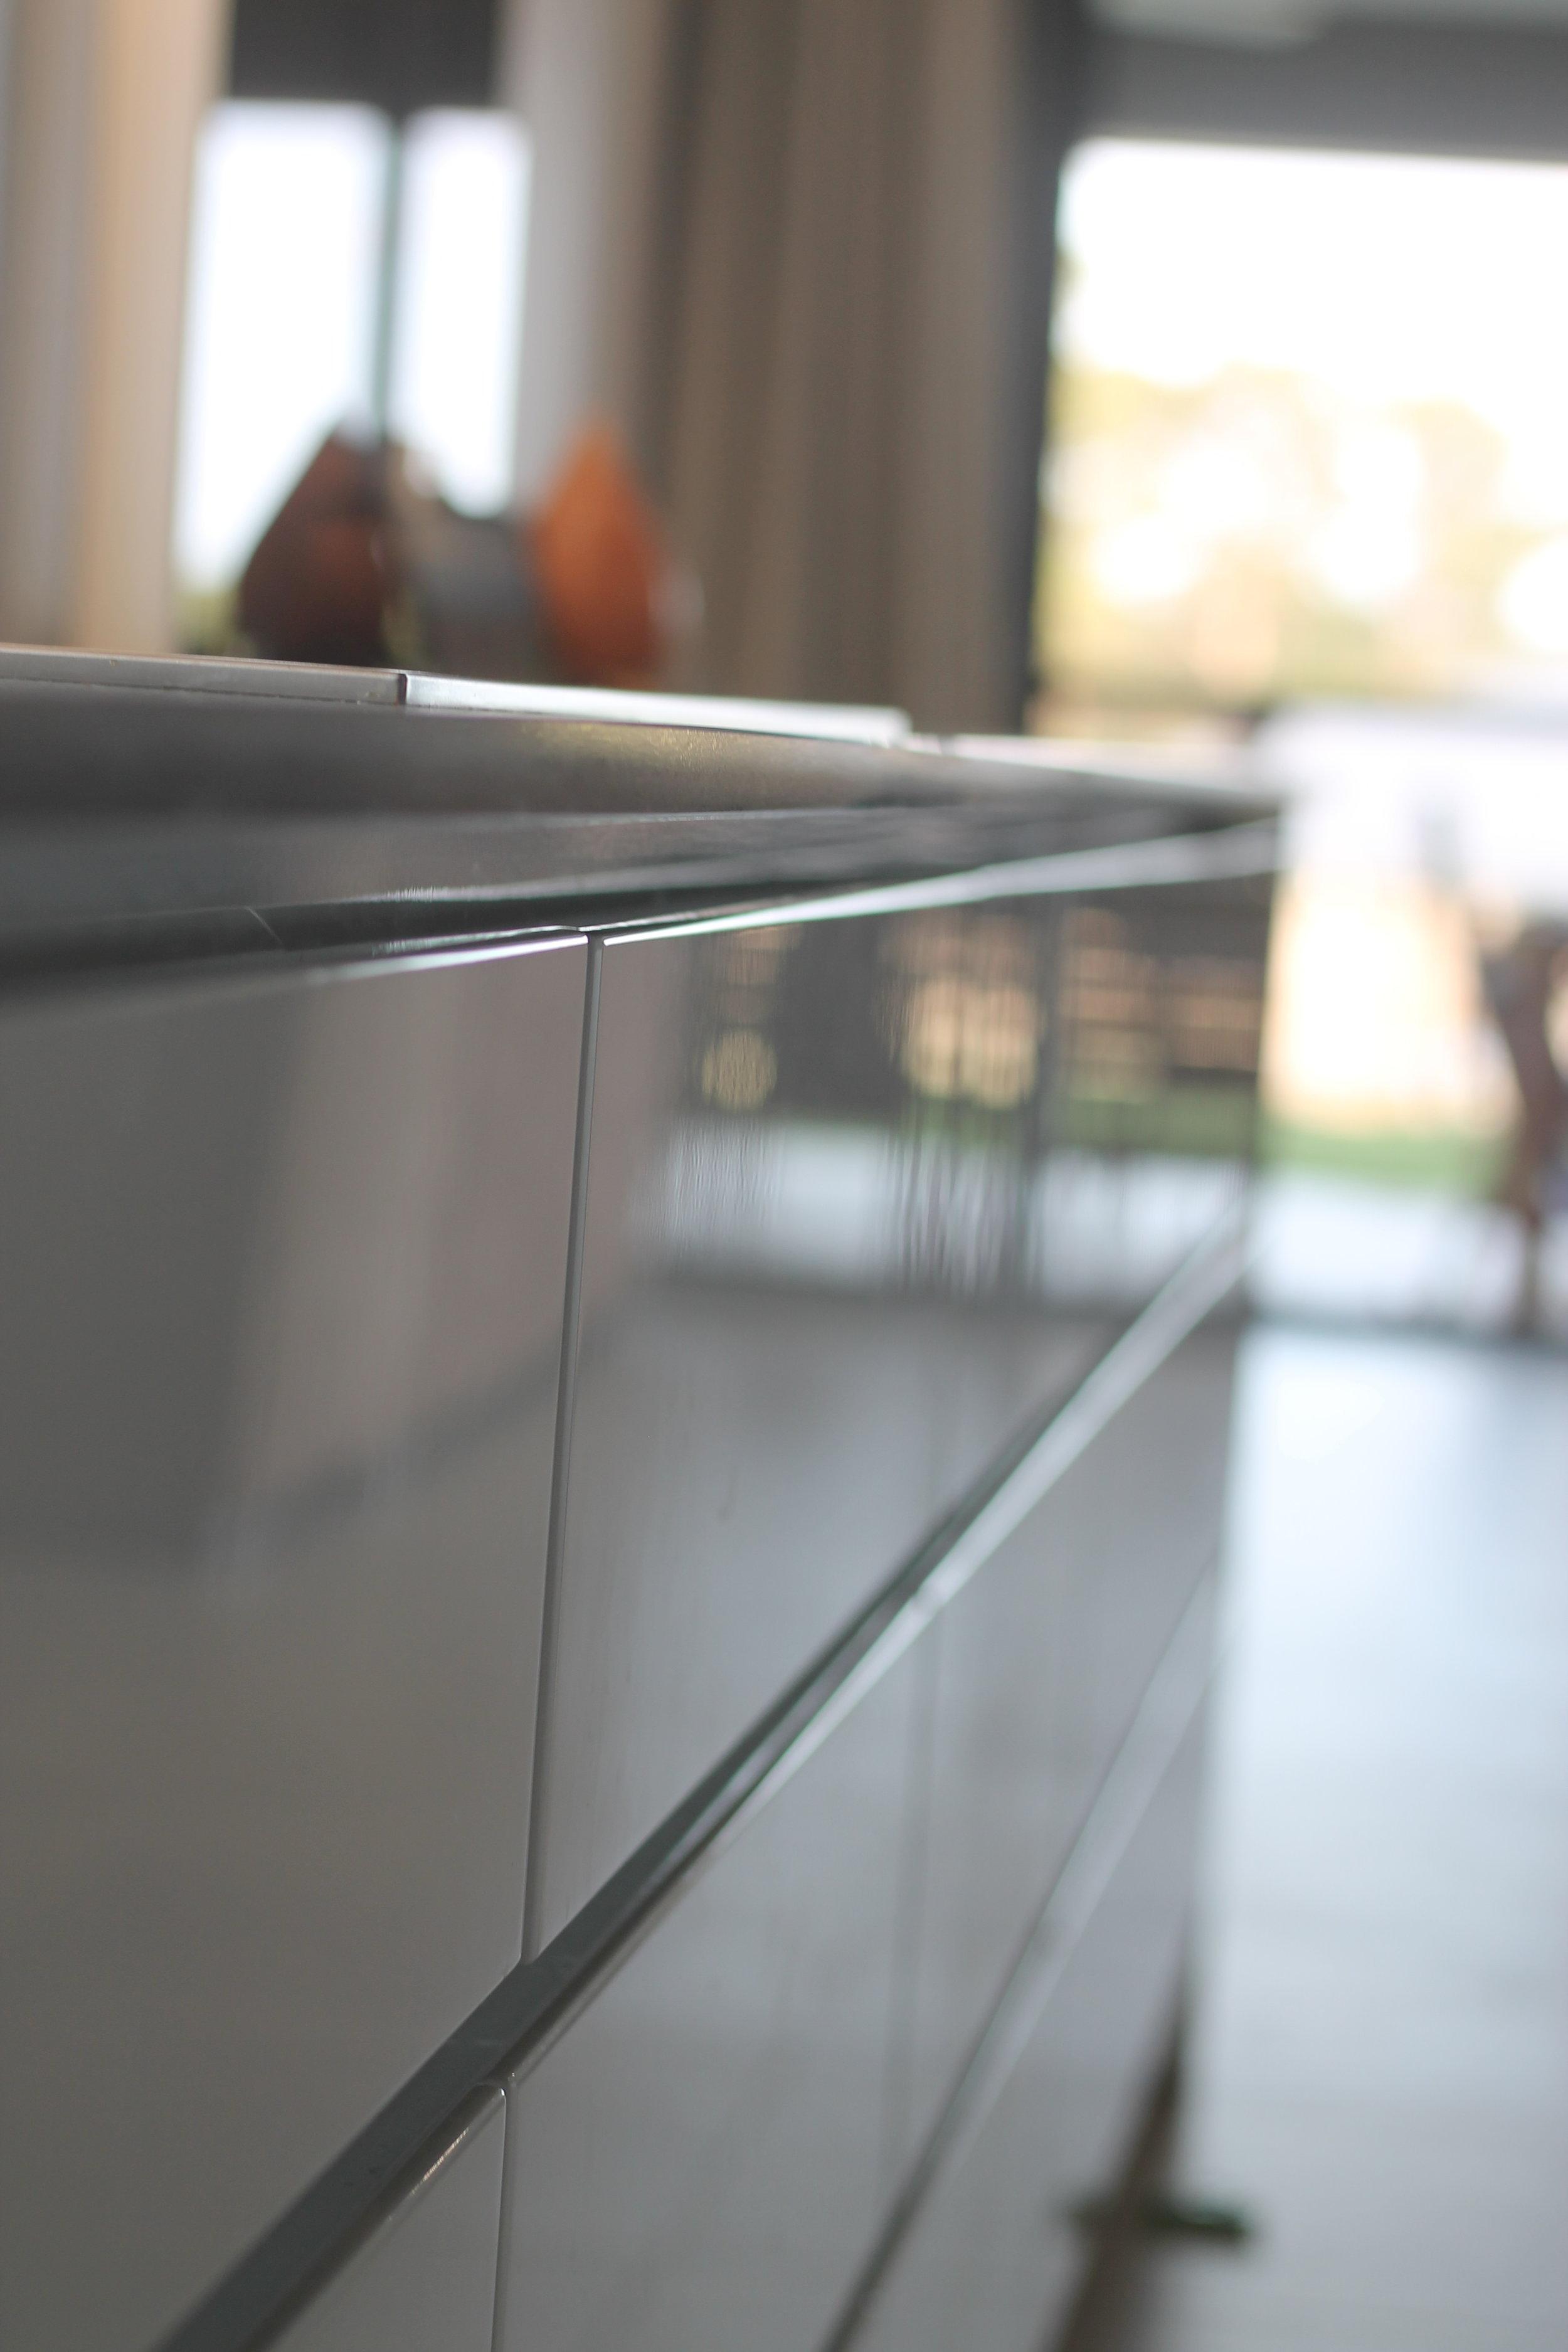 kitchen cupboards.jpeg